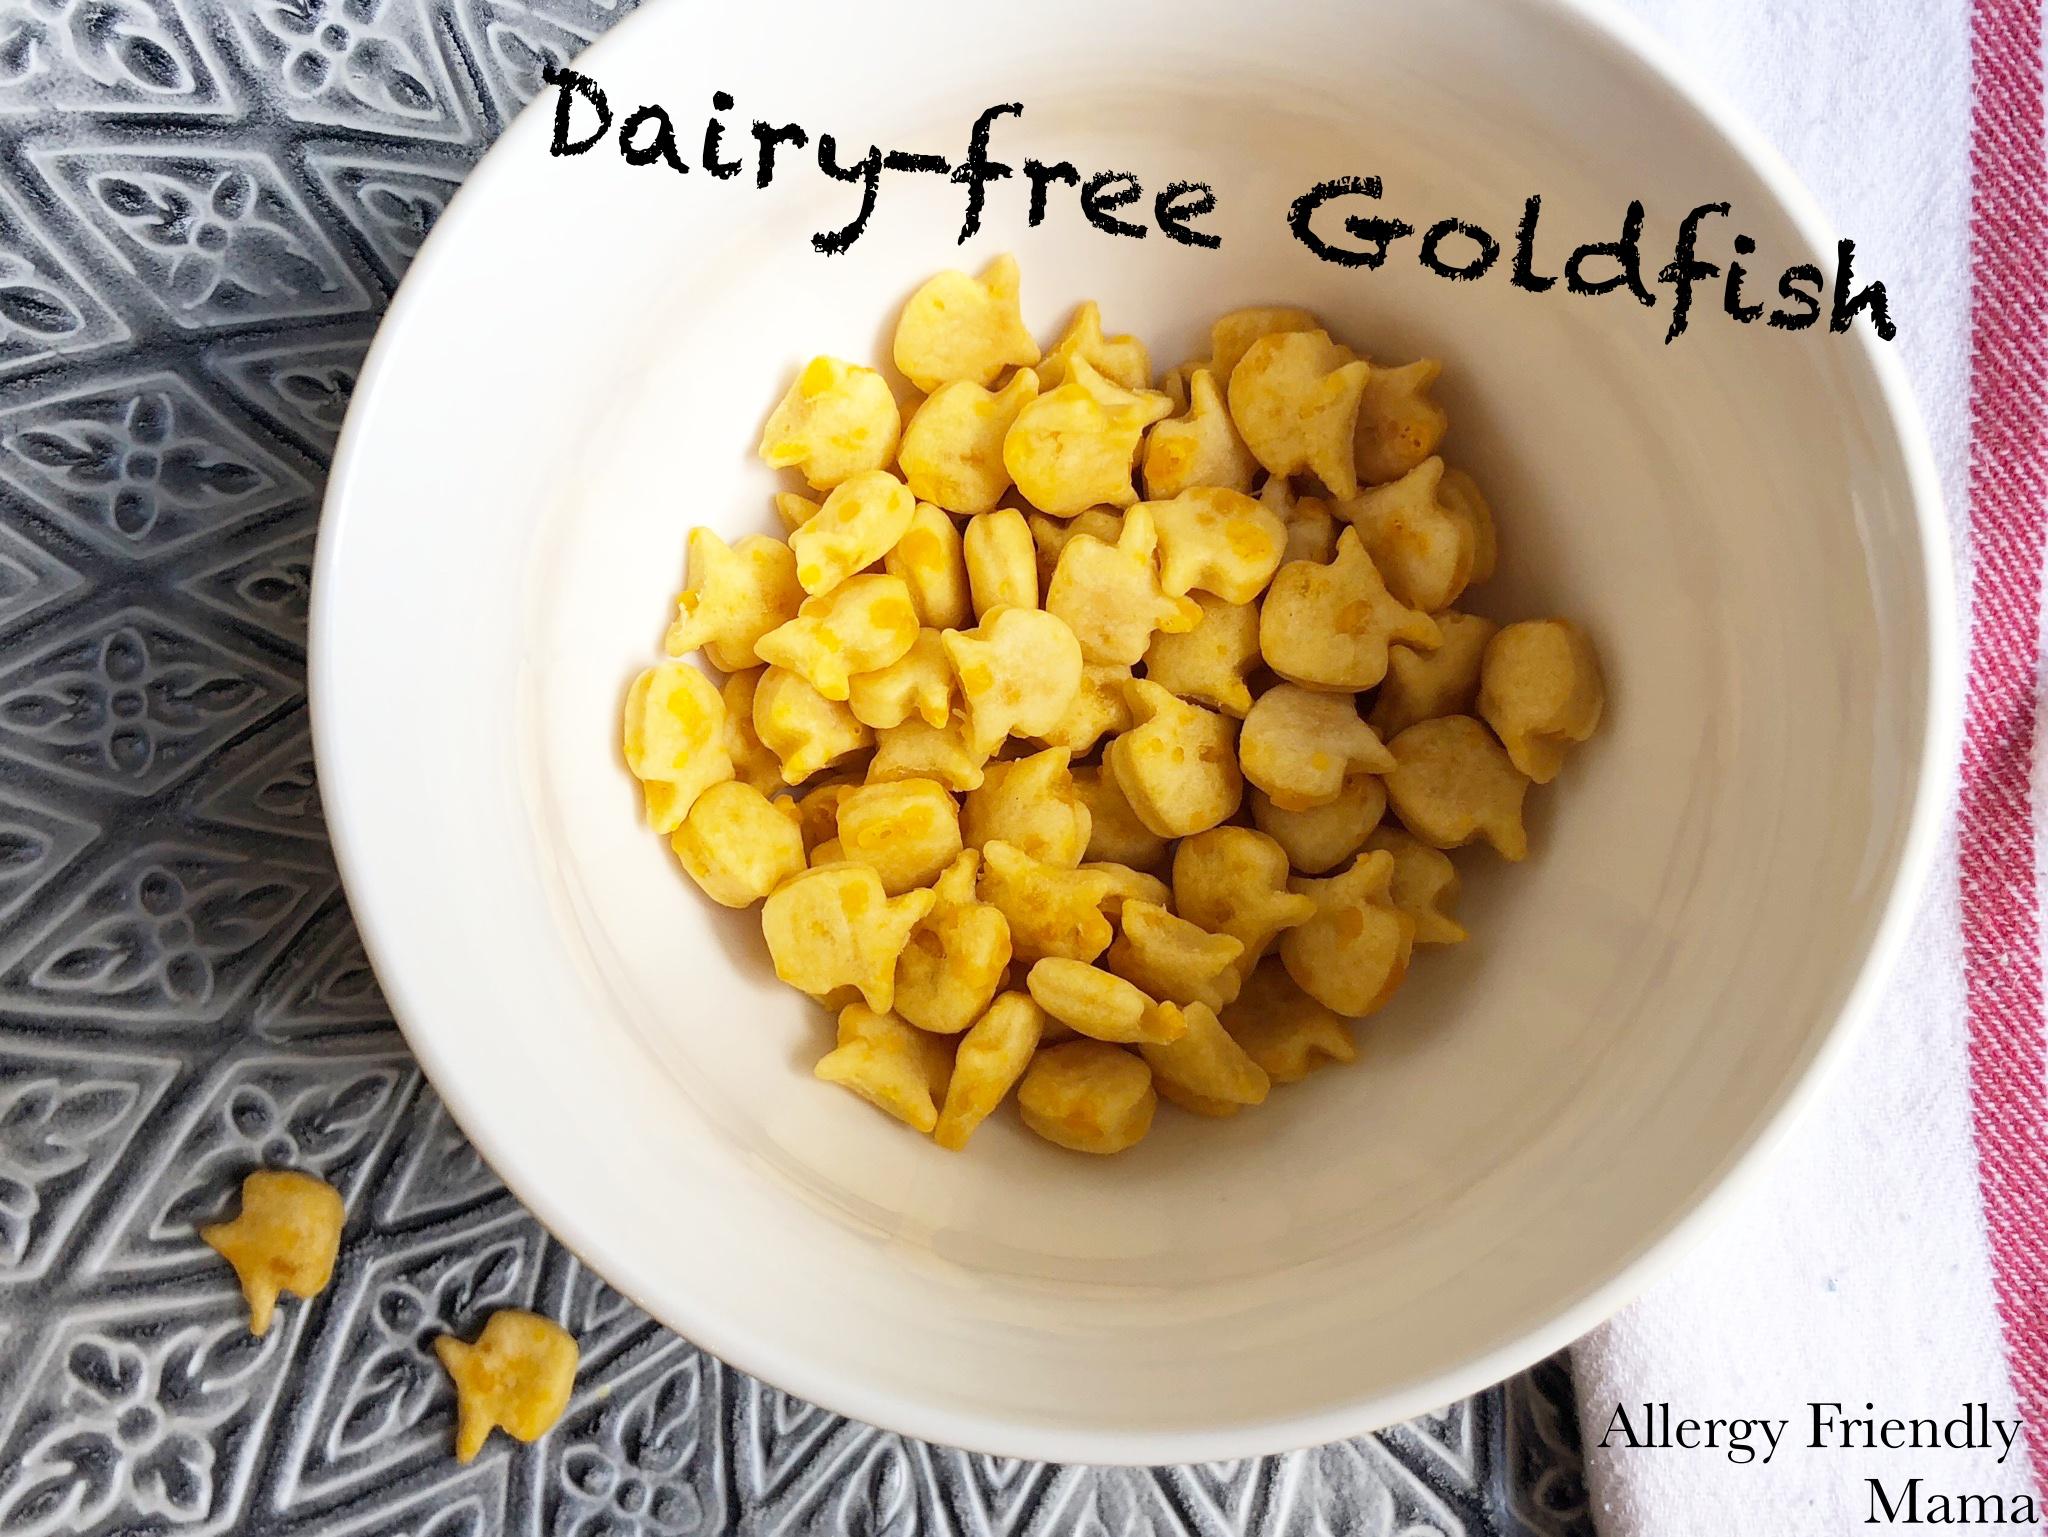 Dairy-free Goldfish.jpg